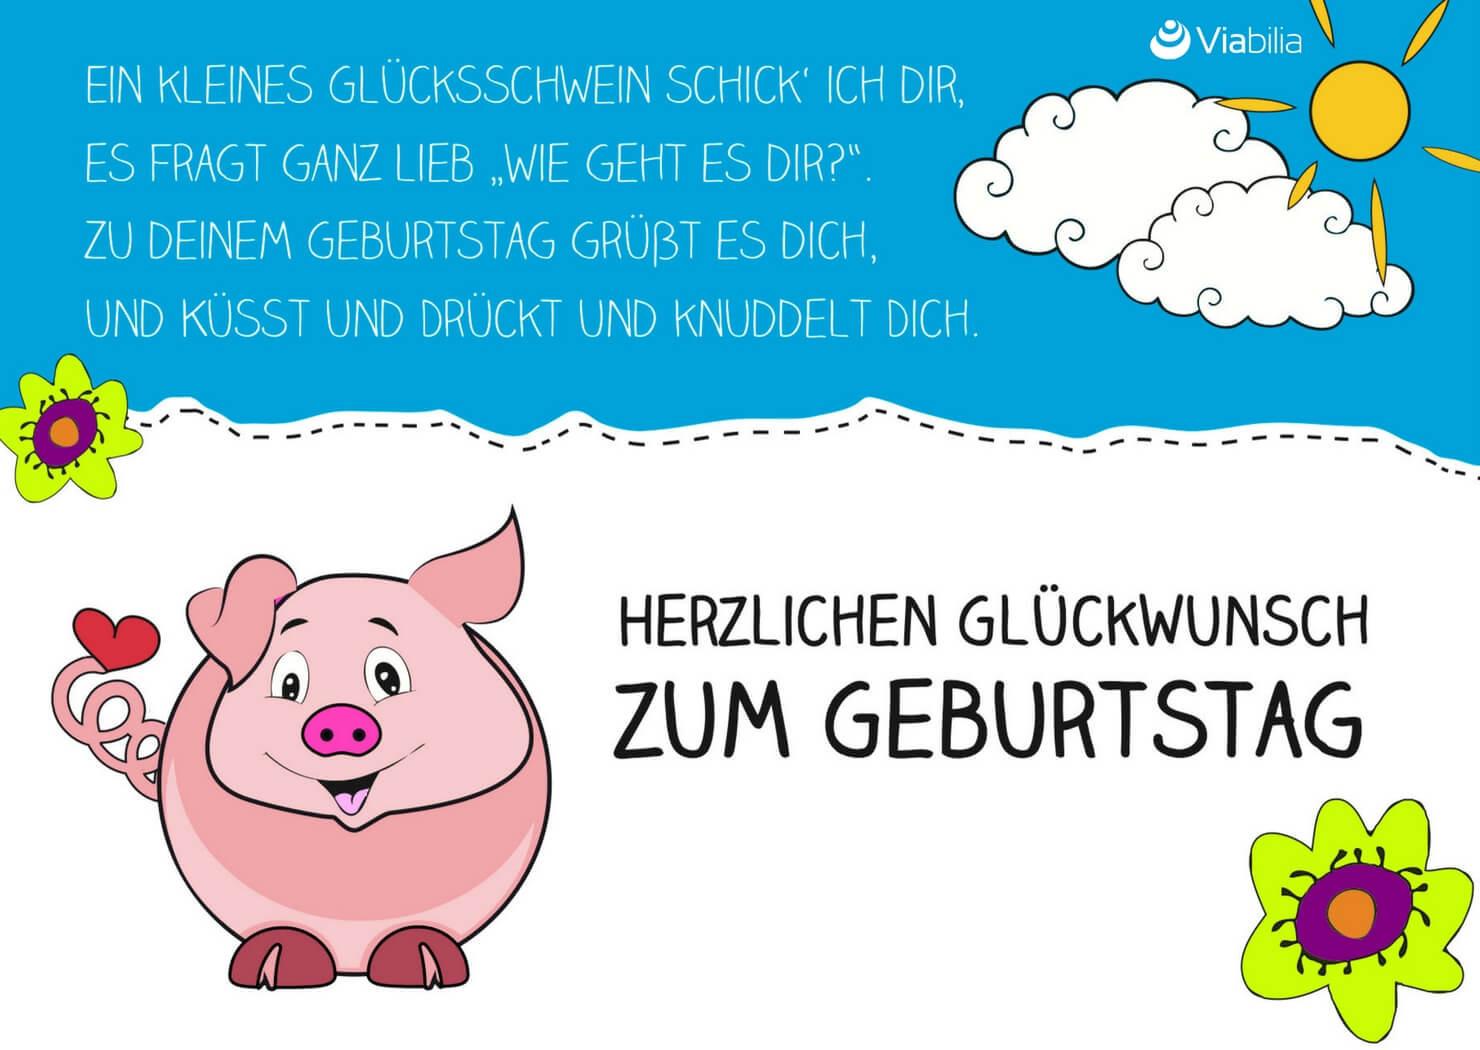 Lustige Geburtstagskarten Für Frauen Kostenlos  Geburtstagskarten kostenlos als PDF ausdrucken